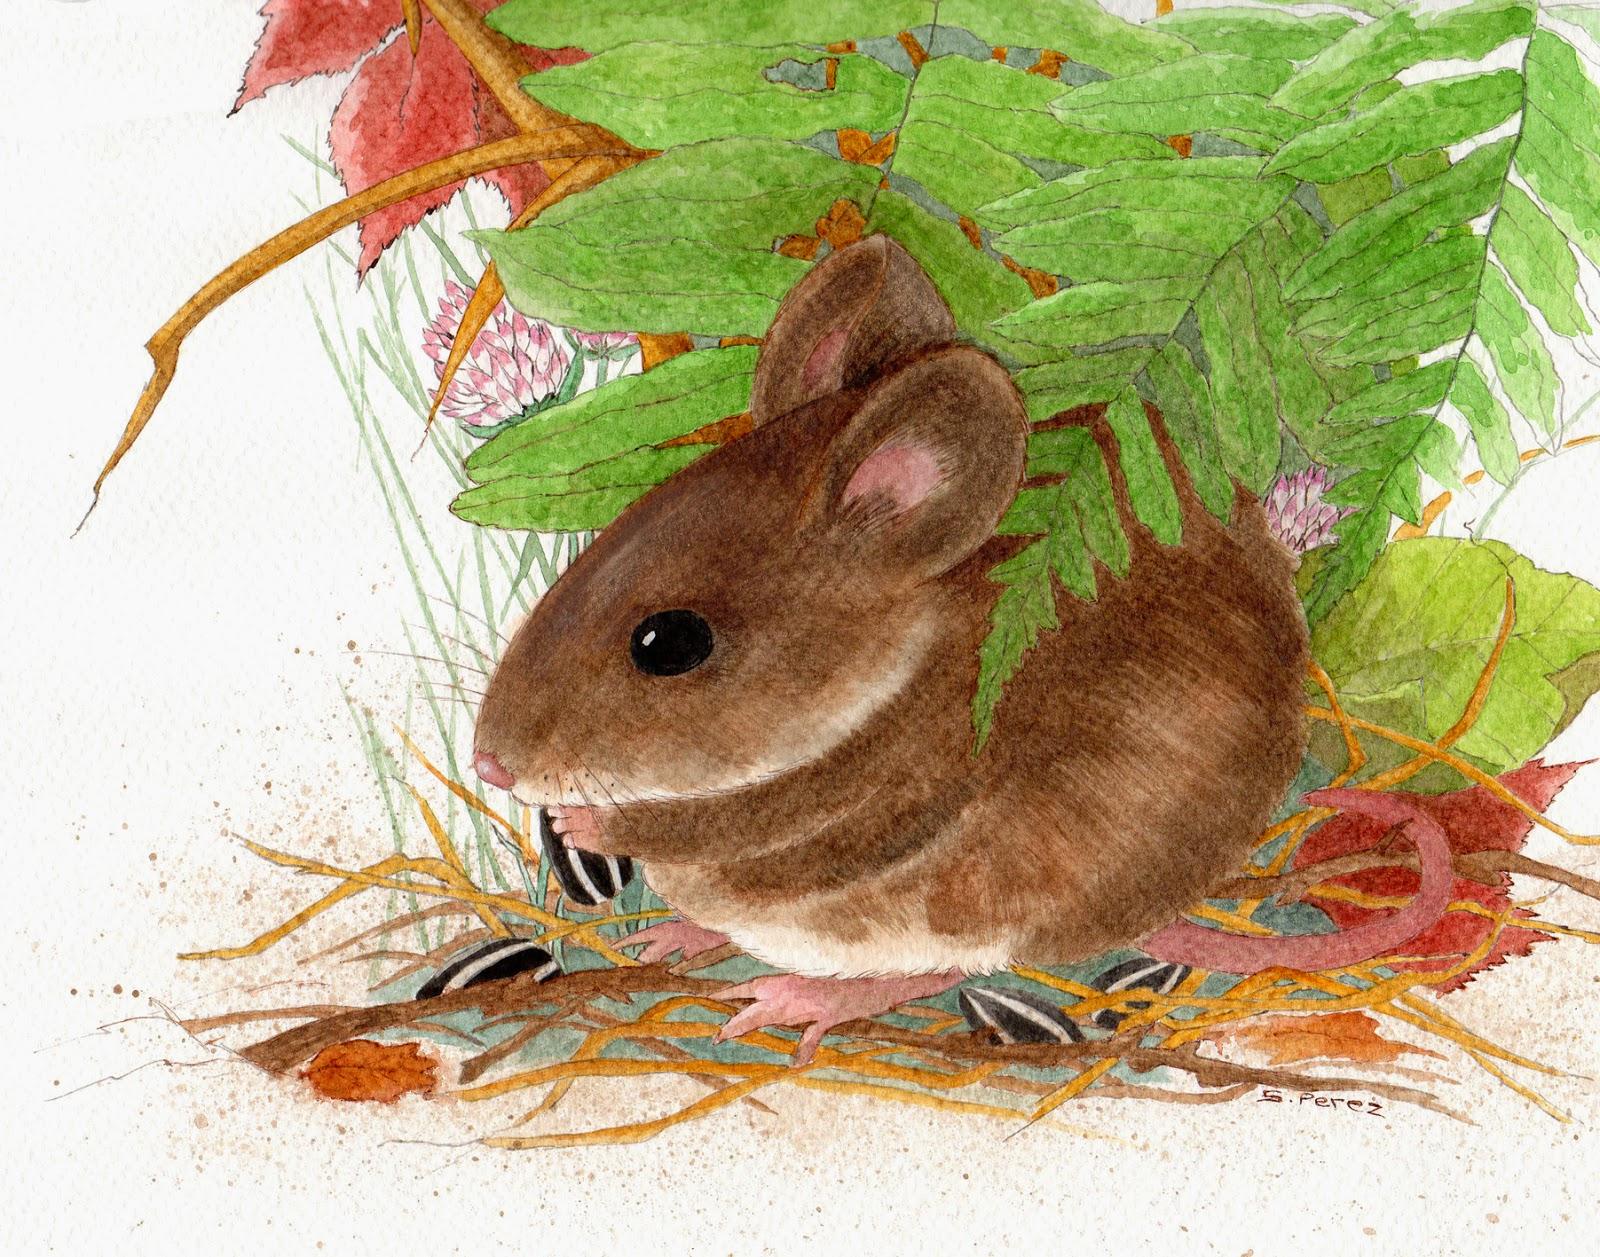 field mouse_susan perez